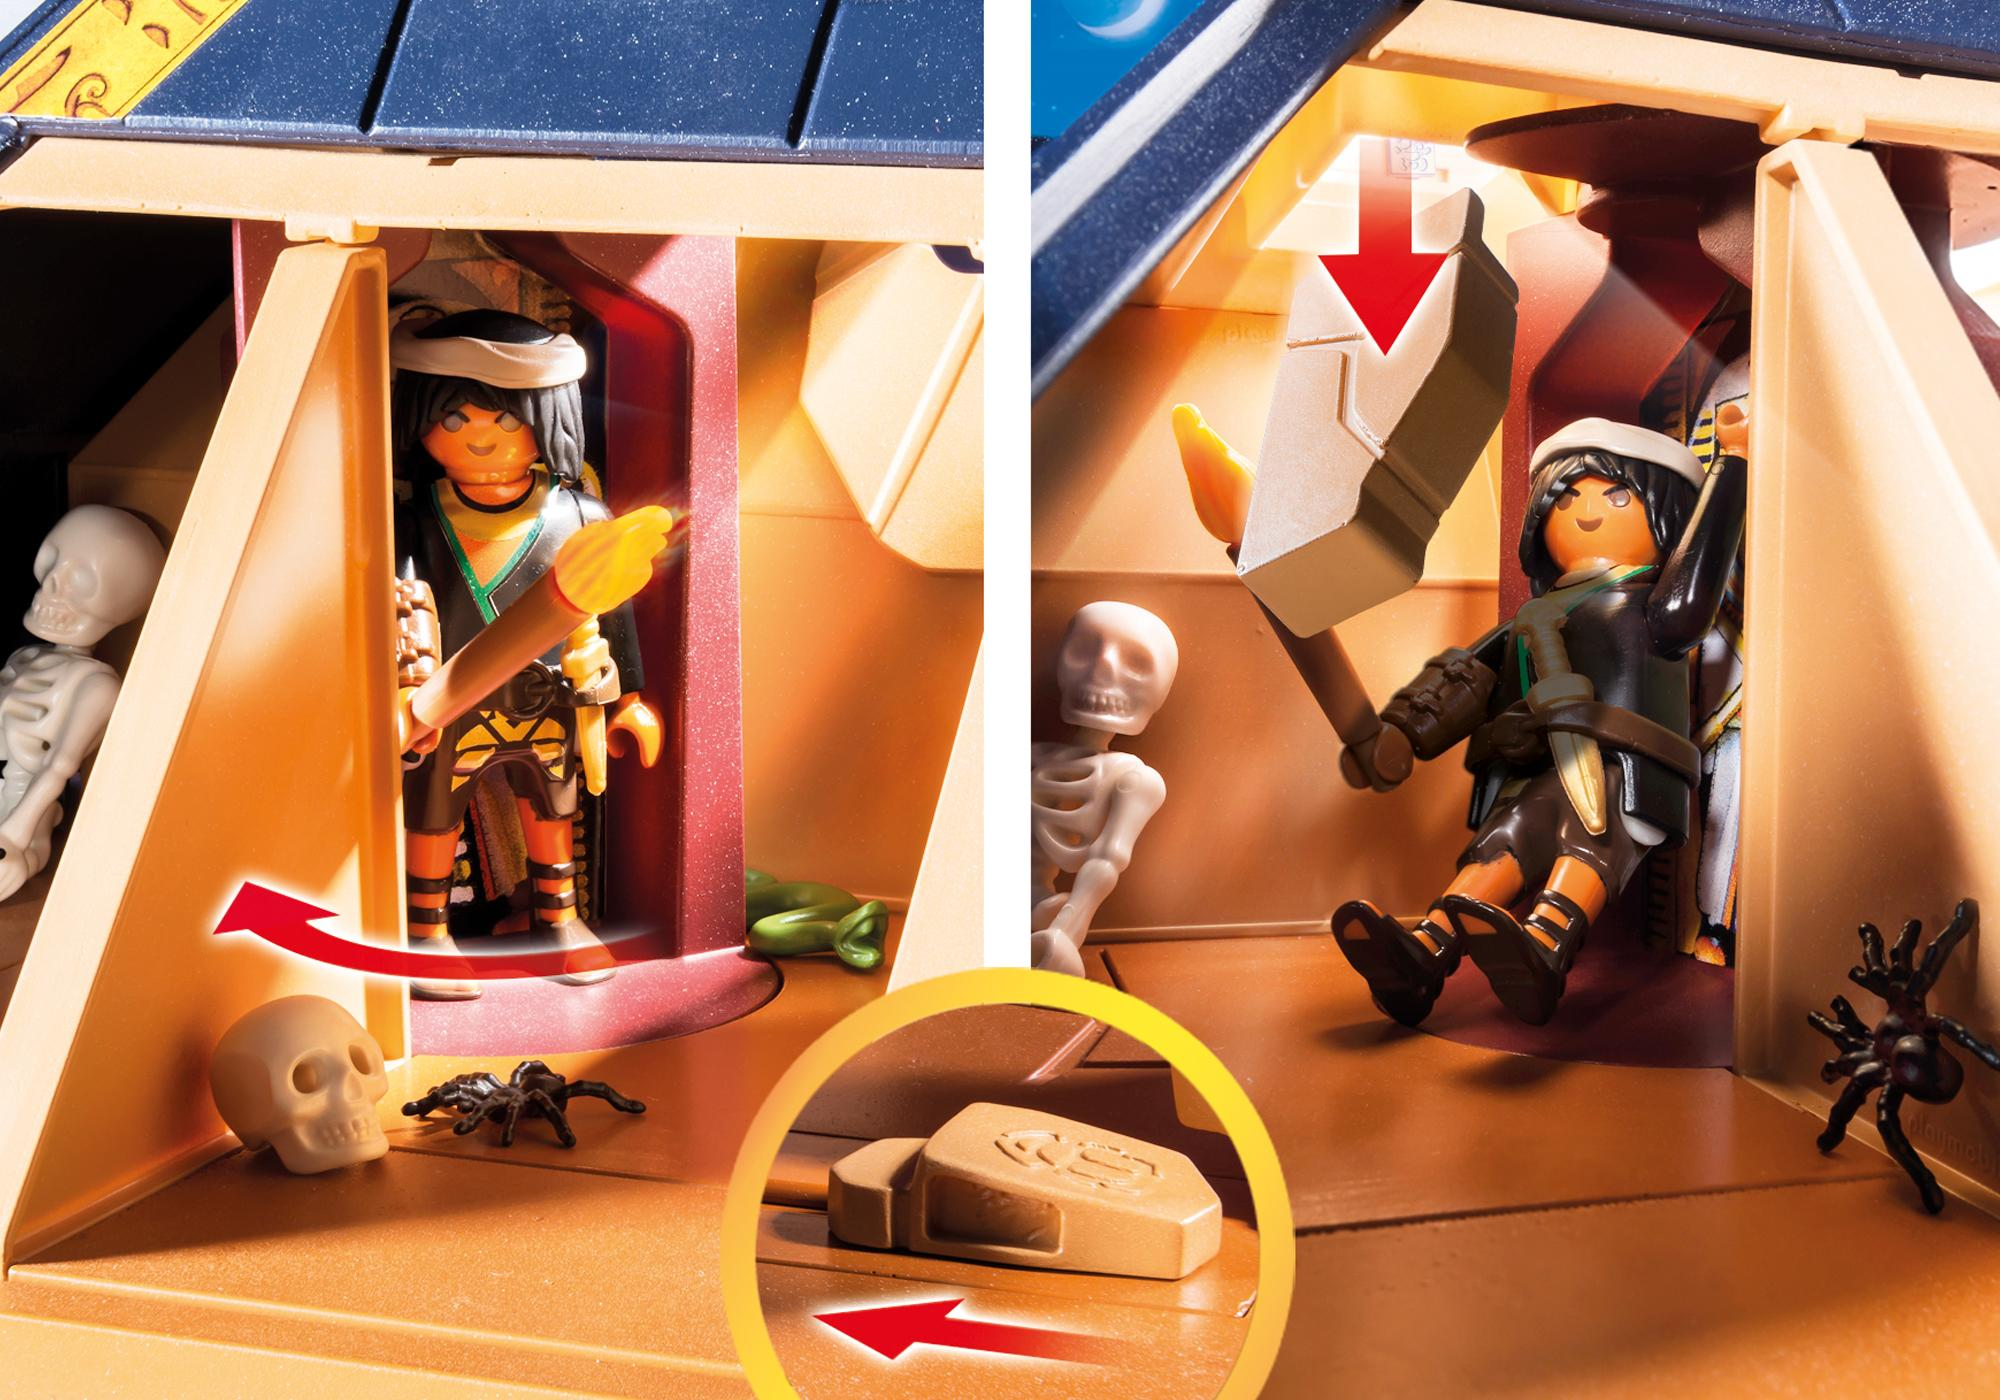 http://media.playmobil.com/i/playmobil/5386_product_extra5/Pharaoh's Pyramid